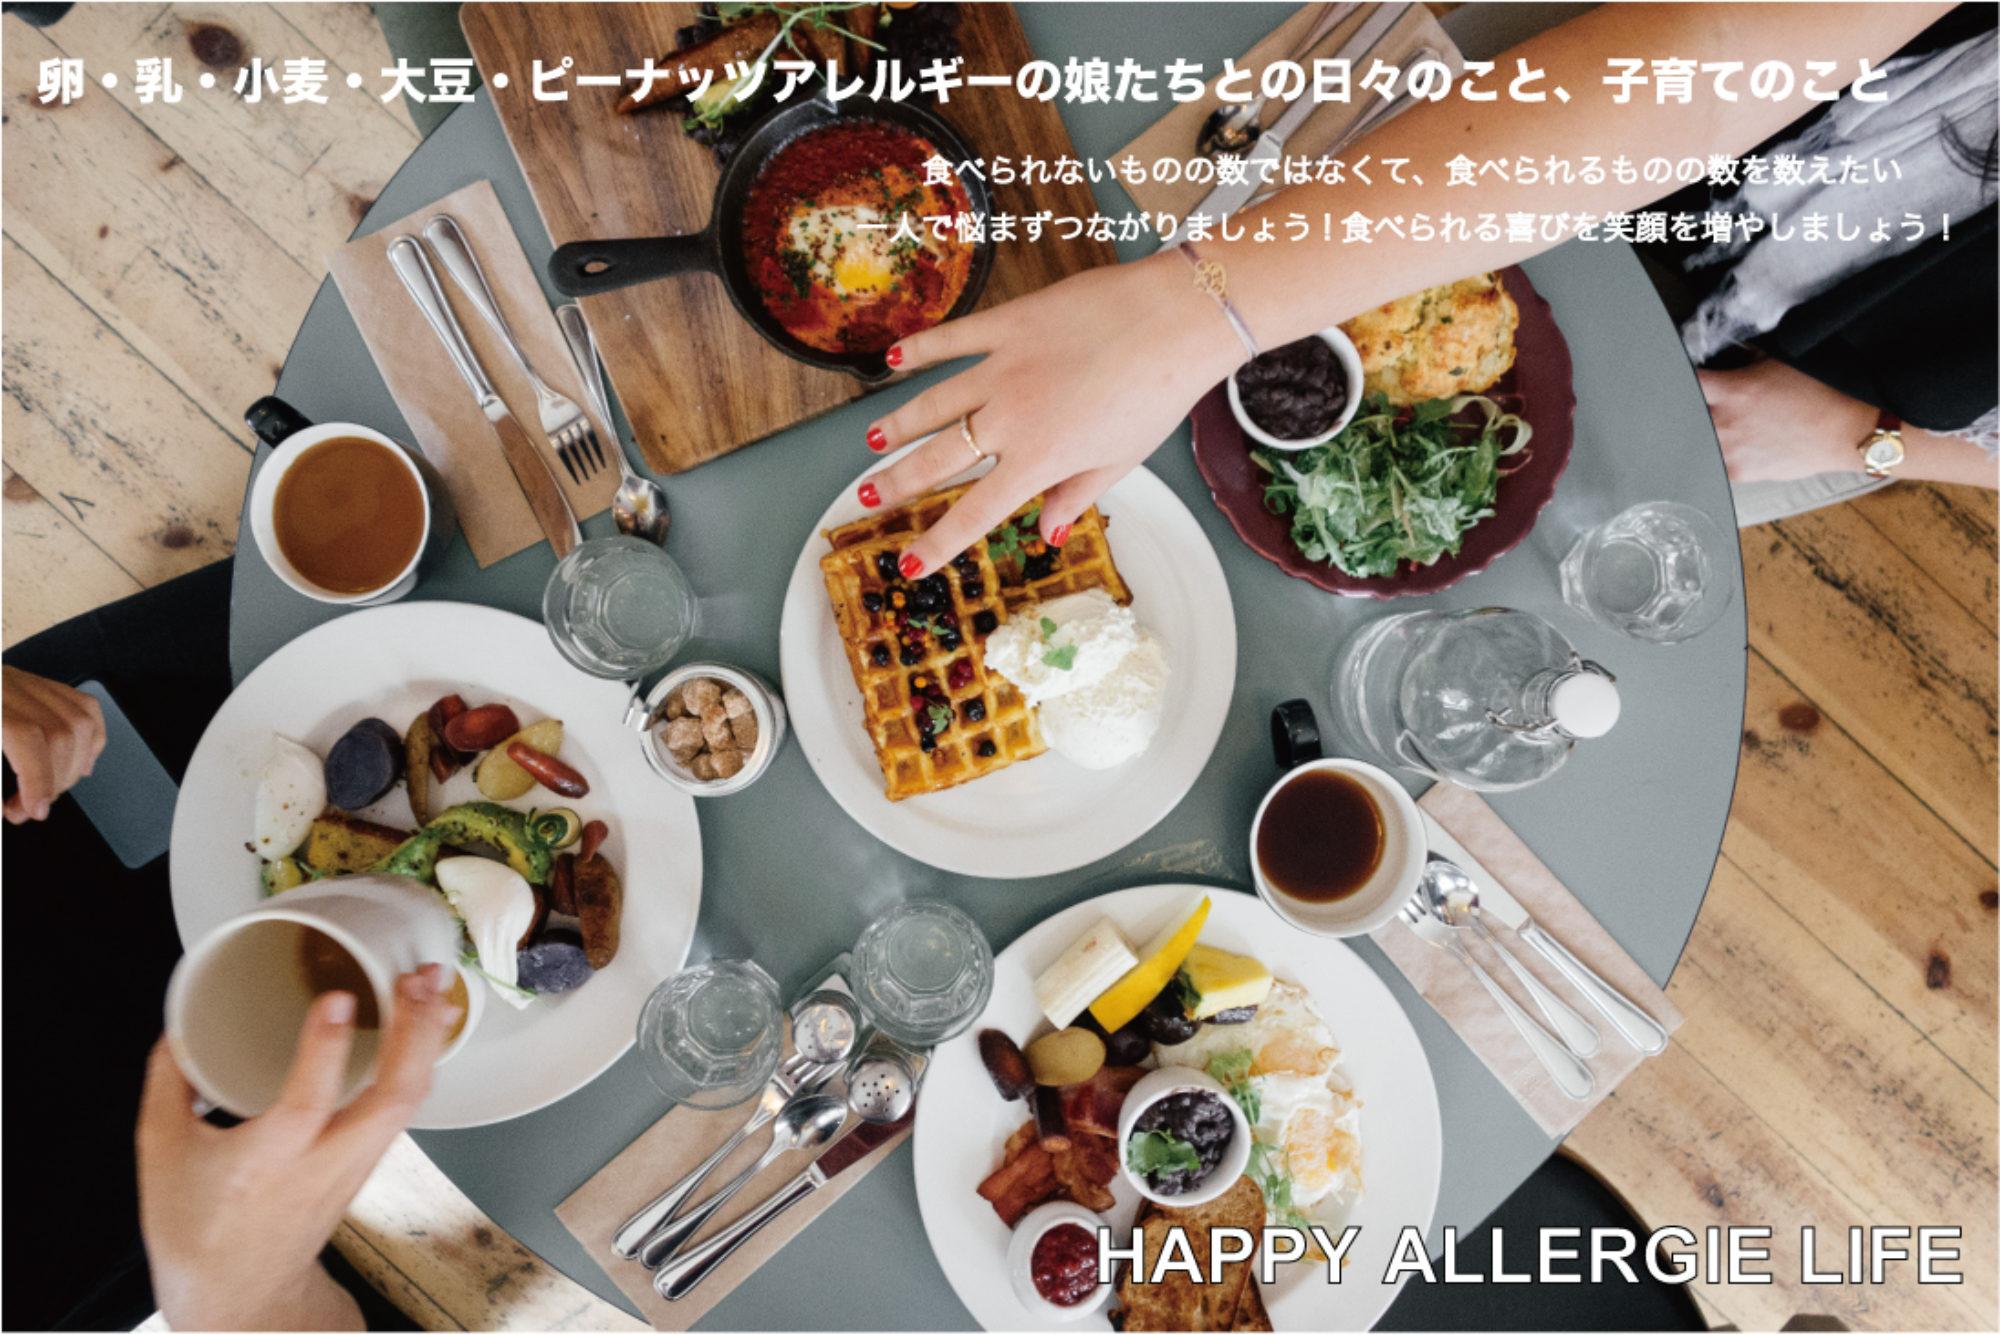 アレルギーを楽しむ子育てin福岡     Happy allergie life